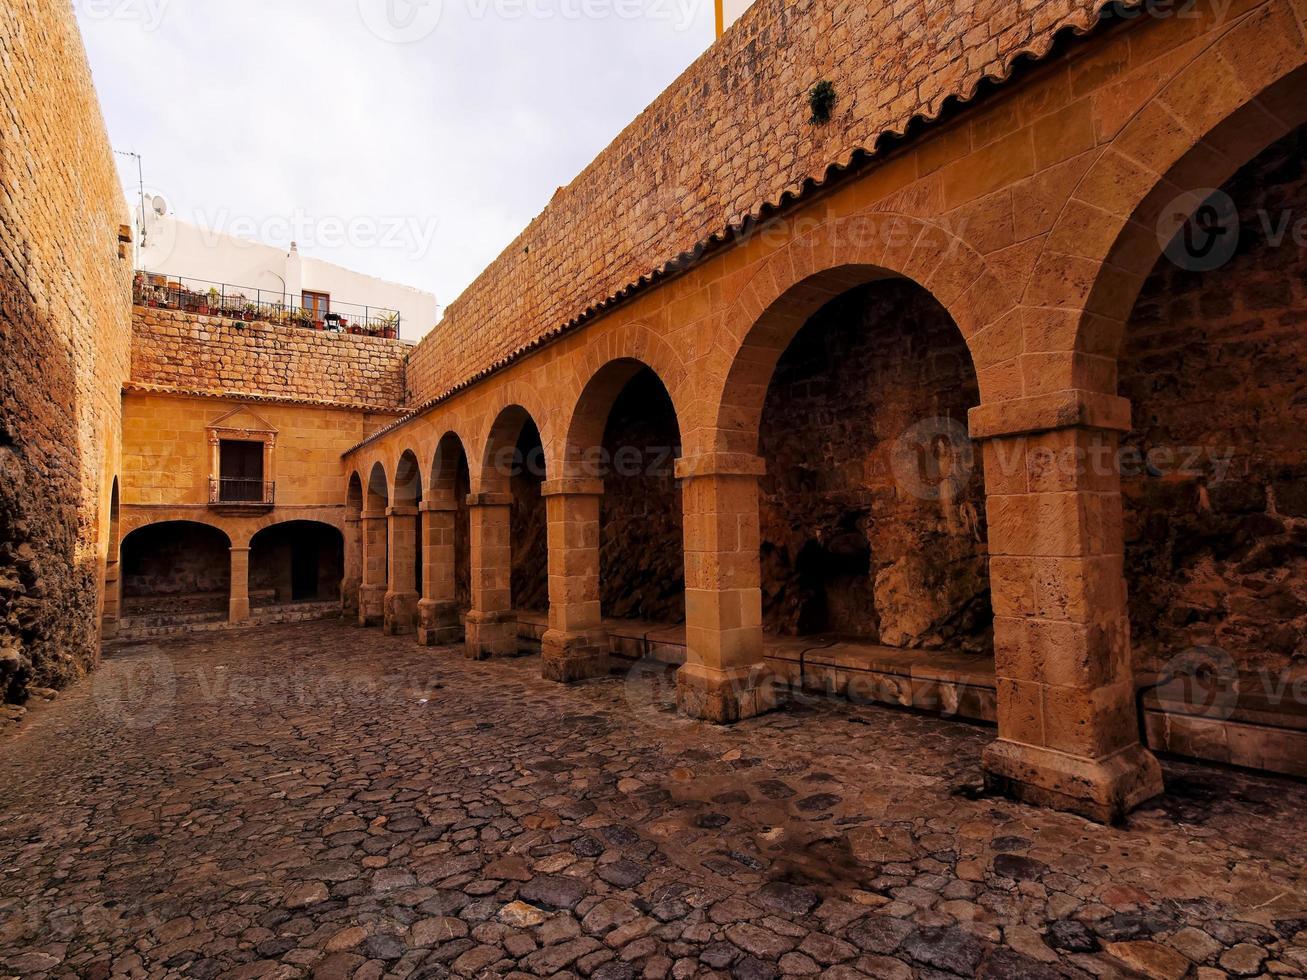 patio de armas nella città di ibiza foto